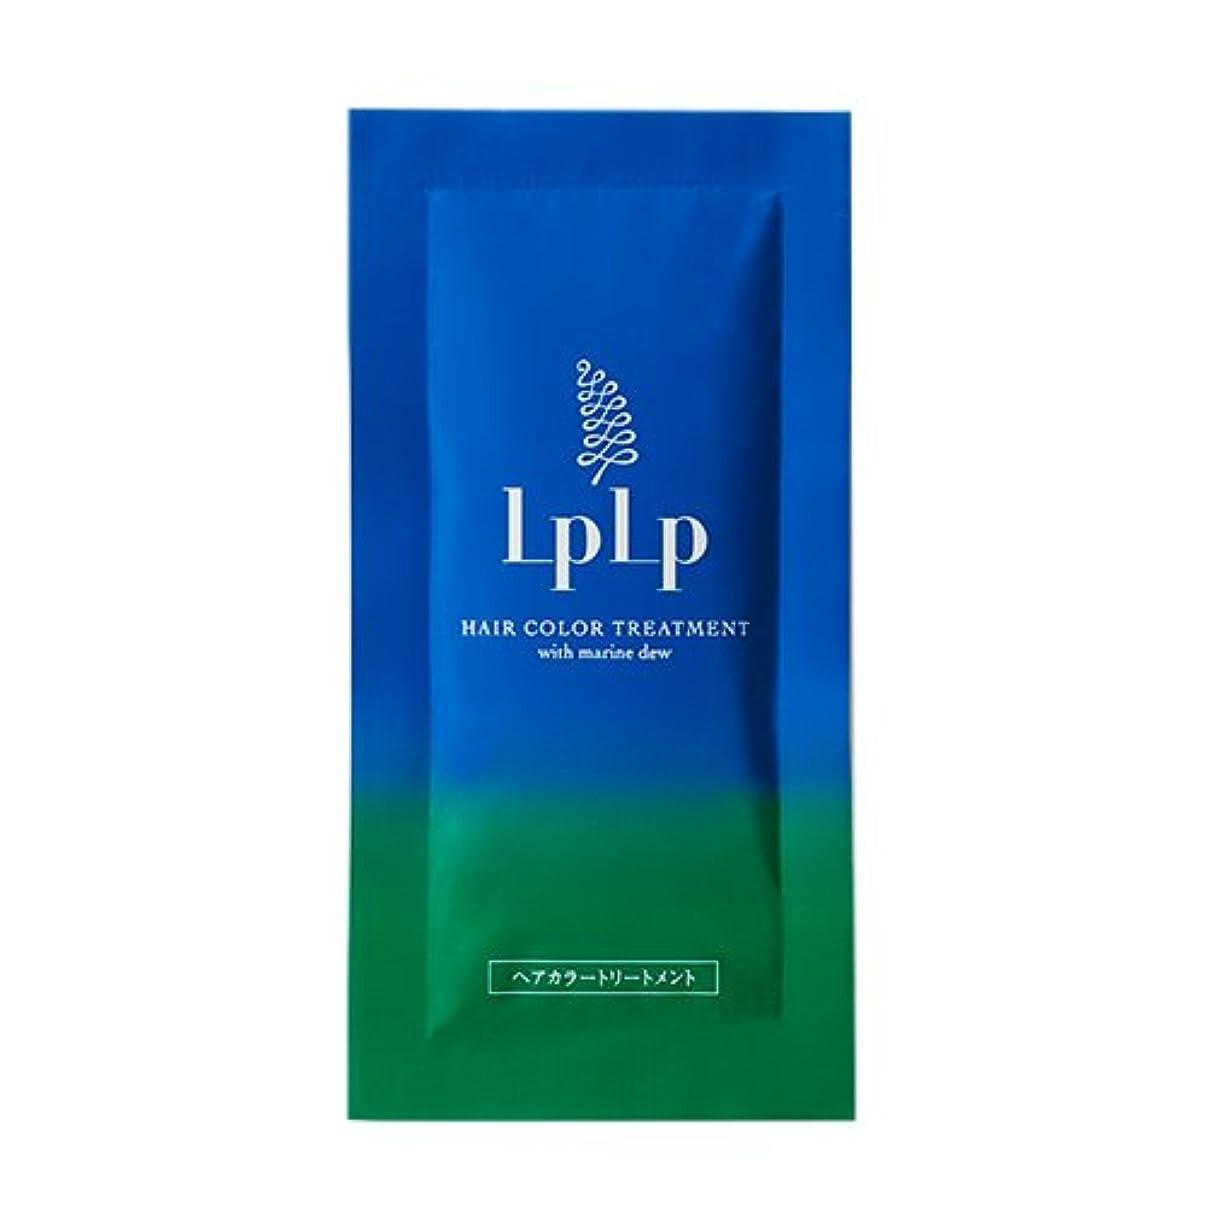 不承認パートナー戦いLPLP(ルプルプ)ヘアカラートリートメントお試しパウチ モカブラウン